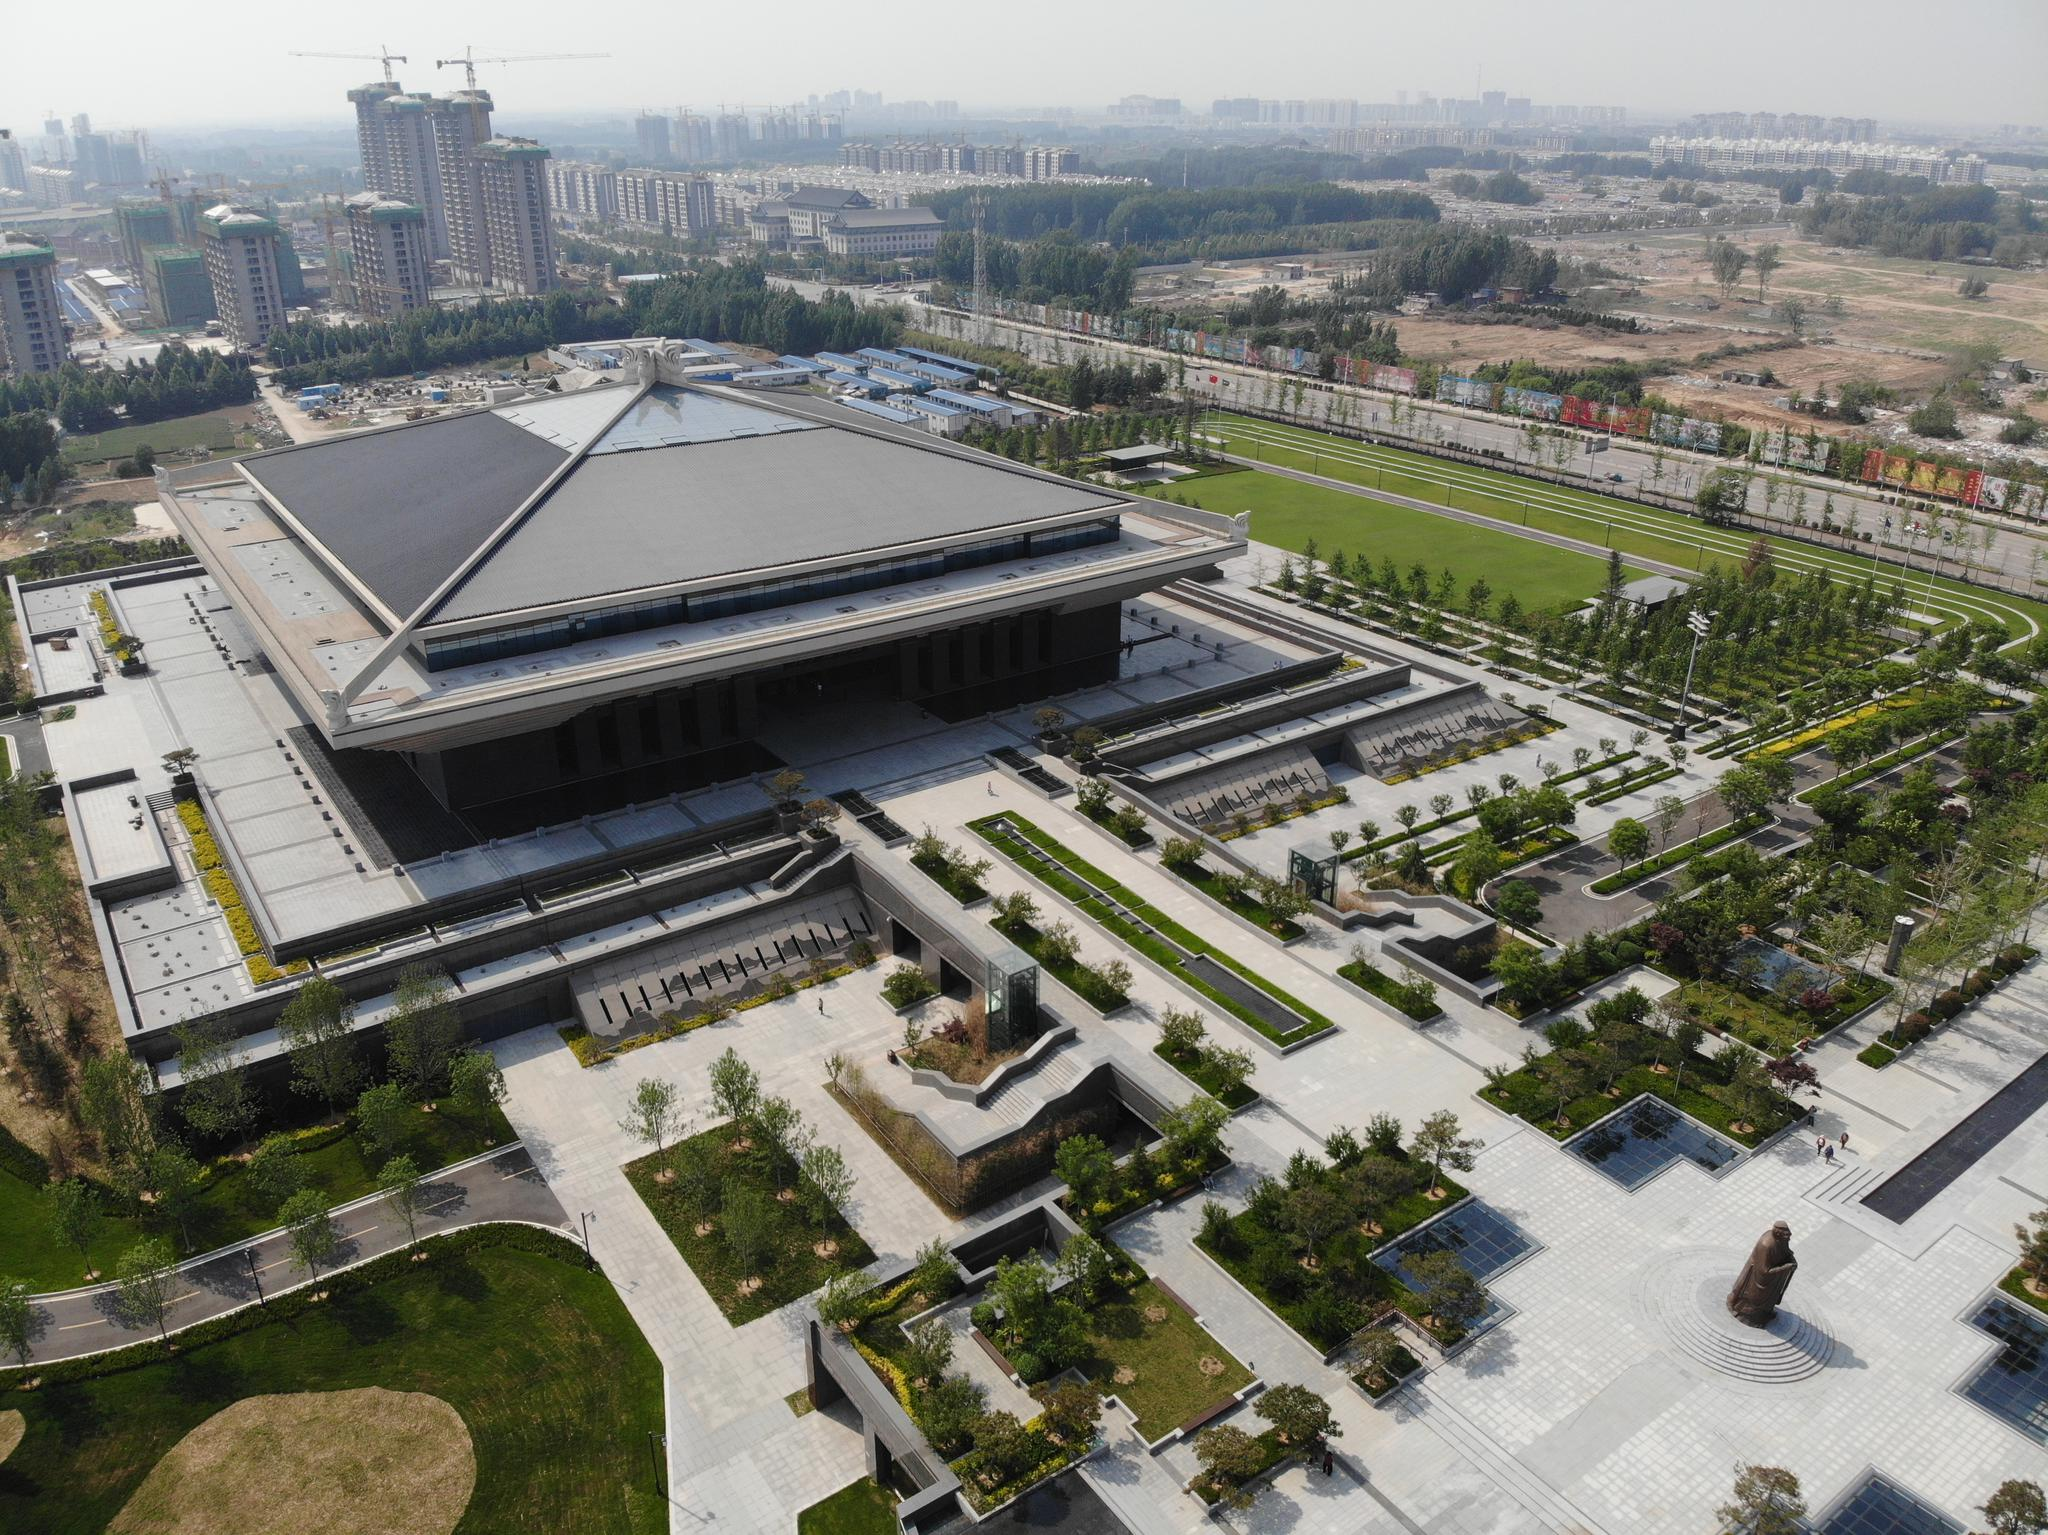 孔子博物馆开始带观众试运行 可网上预约免费参观